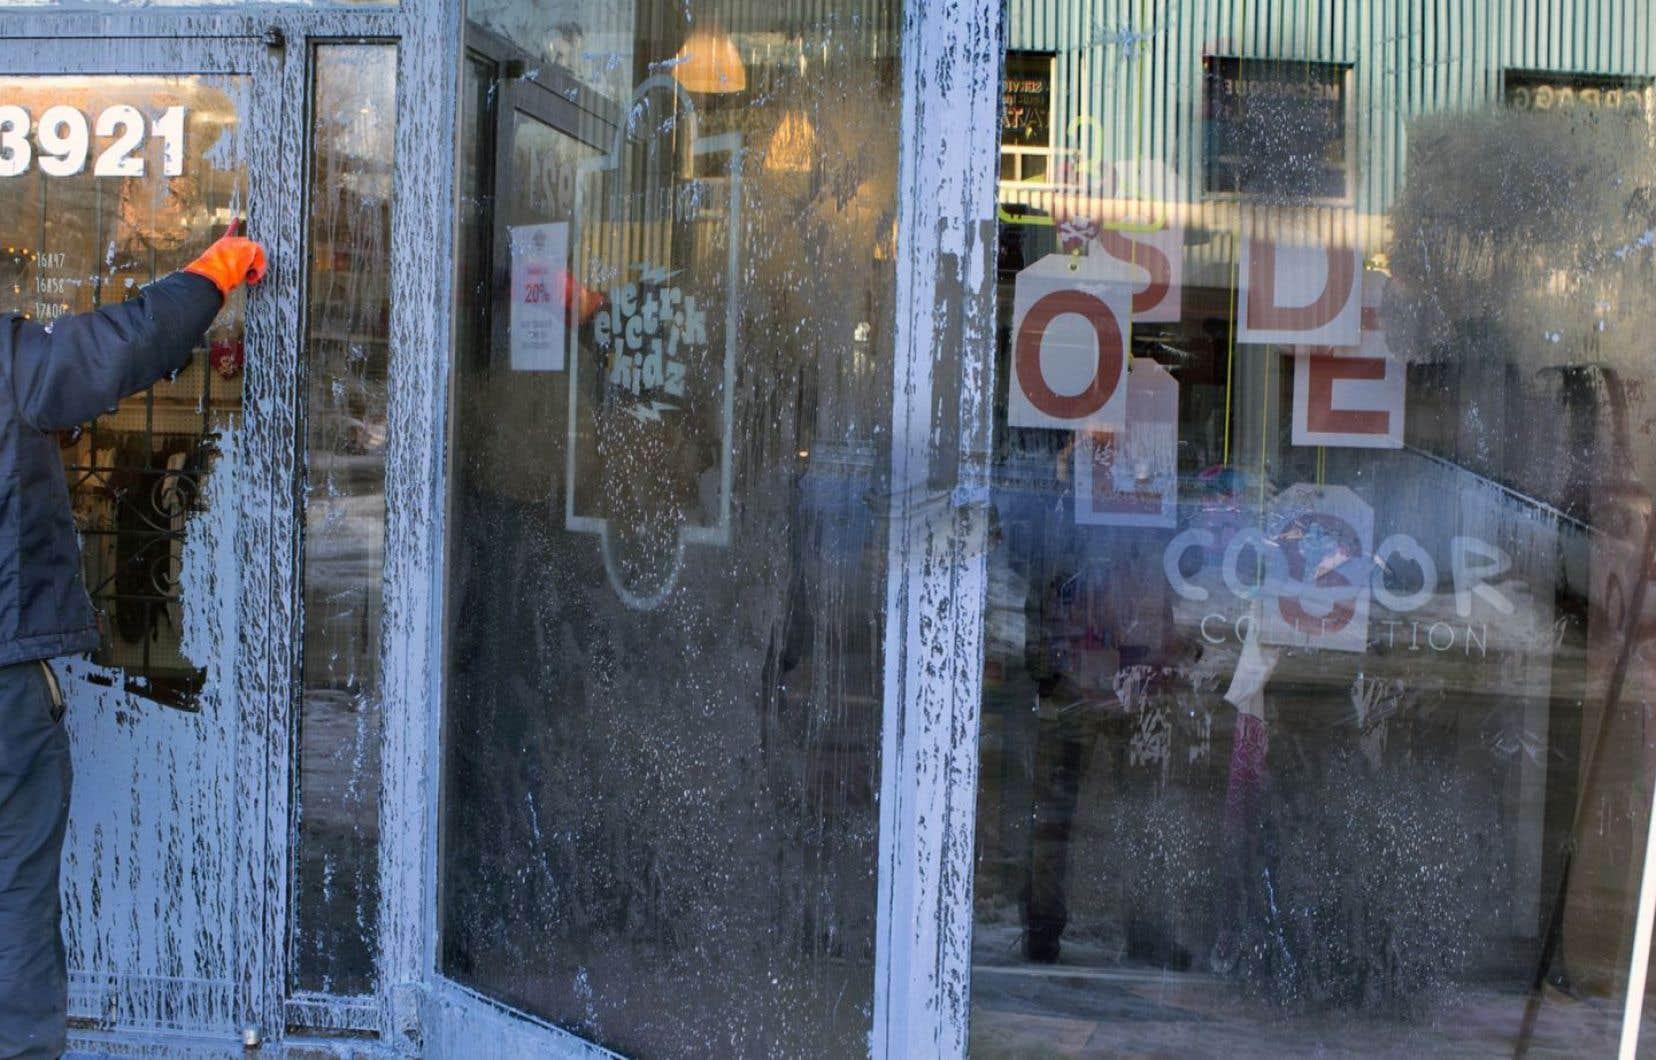 En février, dans Hochelaga-Maisonneuve, la boutique Electrik Kidz avait été aspergée de peinture par des militants anti-gentrification.